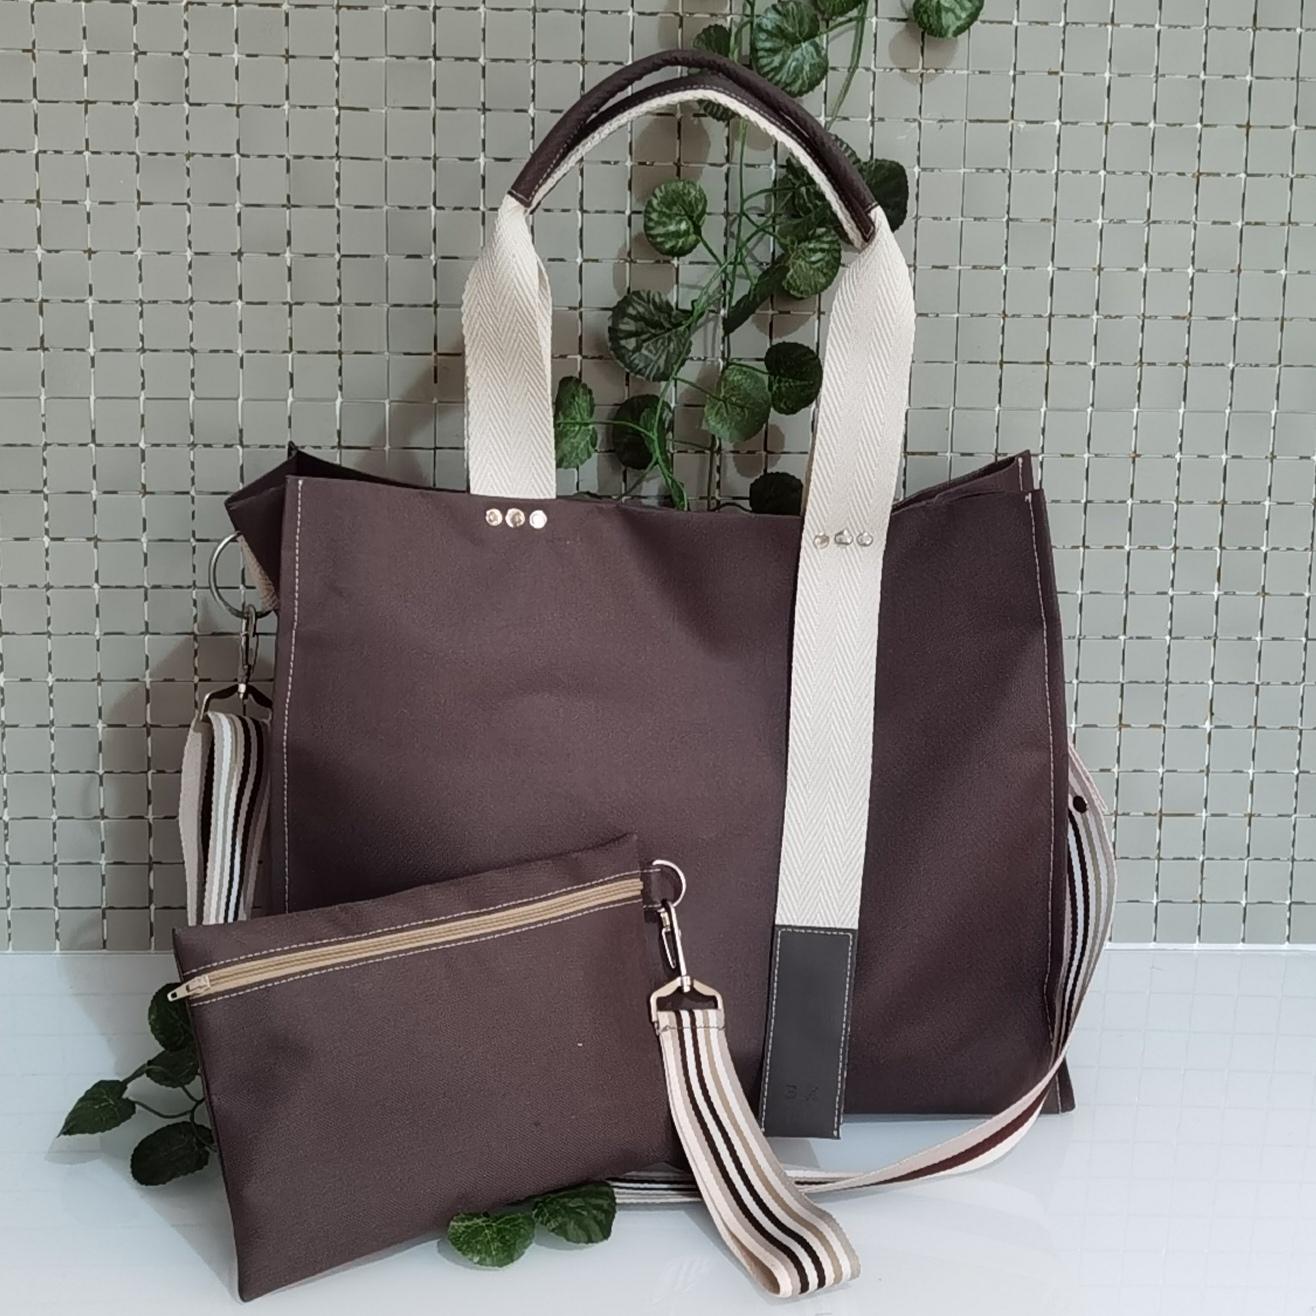 Bolso de mensajero grande impermeable marrón de mujer, bolsa de viaje para lluvia.